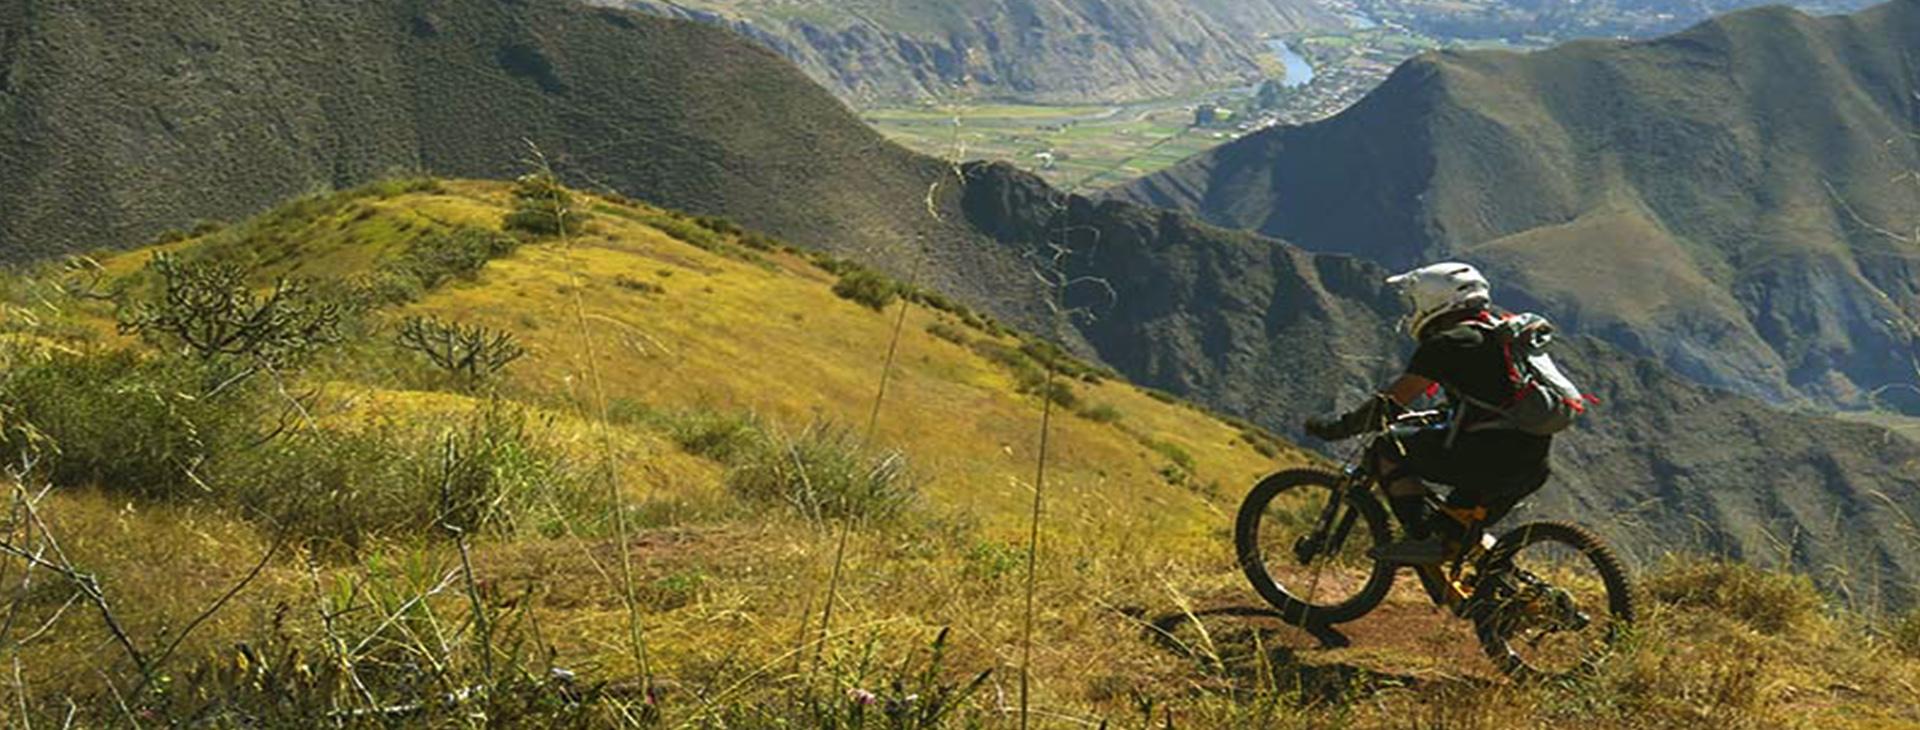 Inka Jungle Trek a Machu Picchu 4dias - TOURS PERU MACHU PICCHU